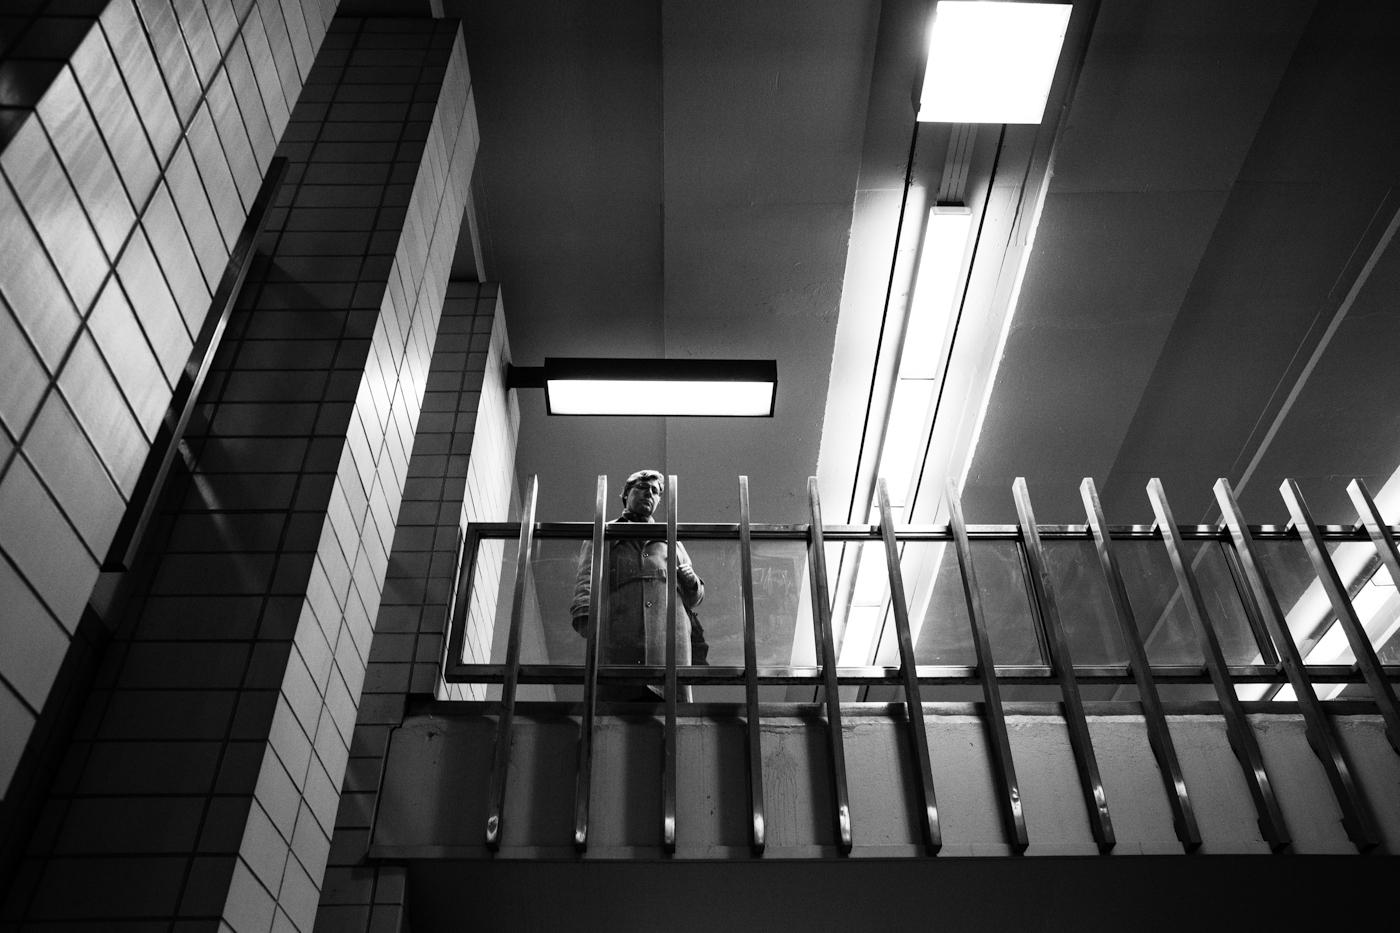 Subways-19.jpg